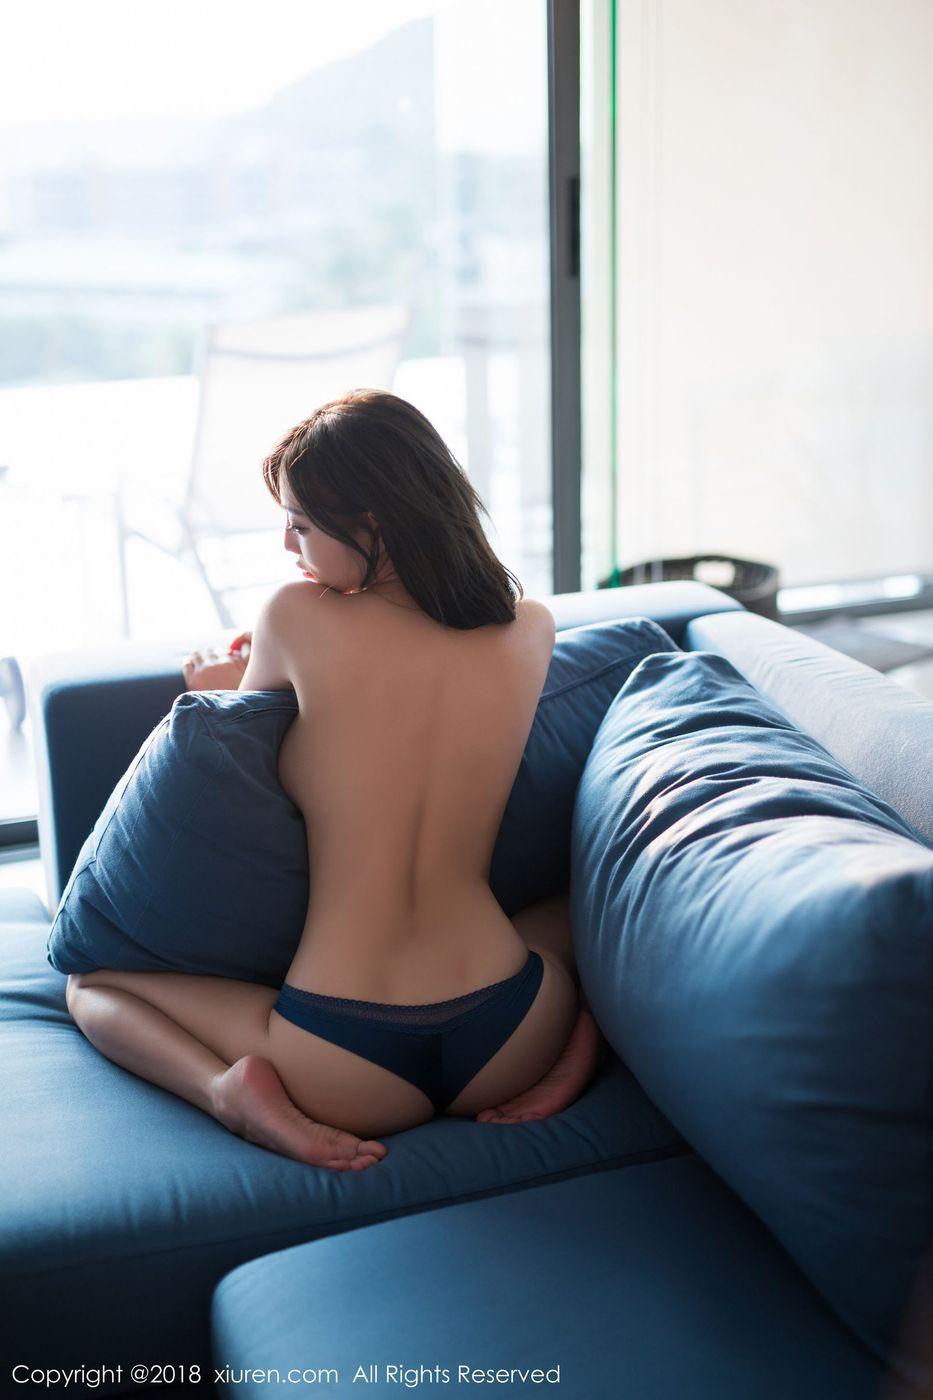 内衣诱惑大尺度美胸人体艺术私房照性感女神秀人网-[杨晨晨]超高清写真图片 1620135010更新